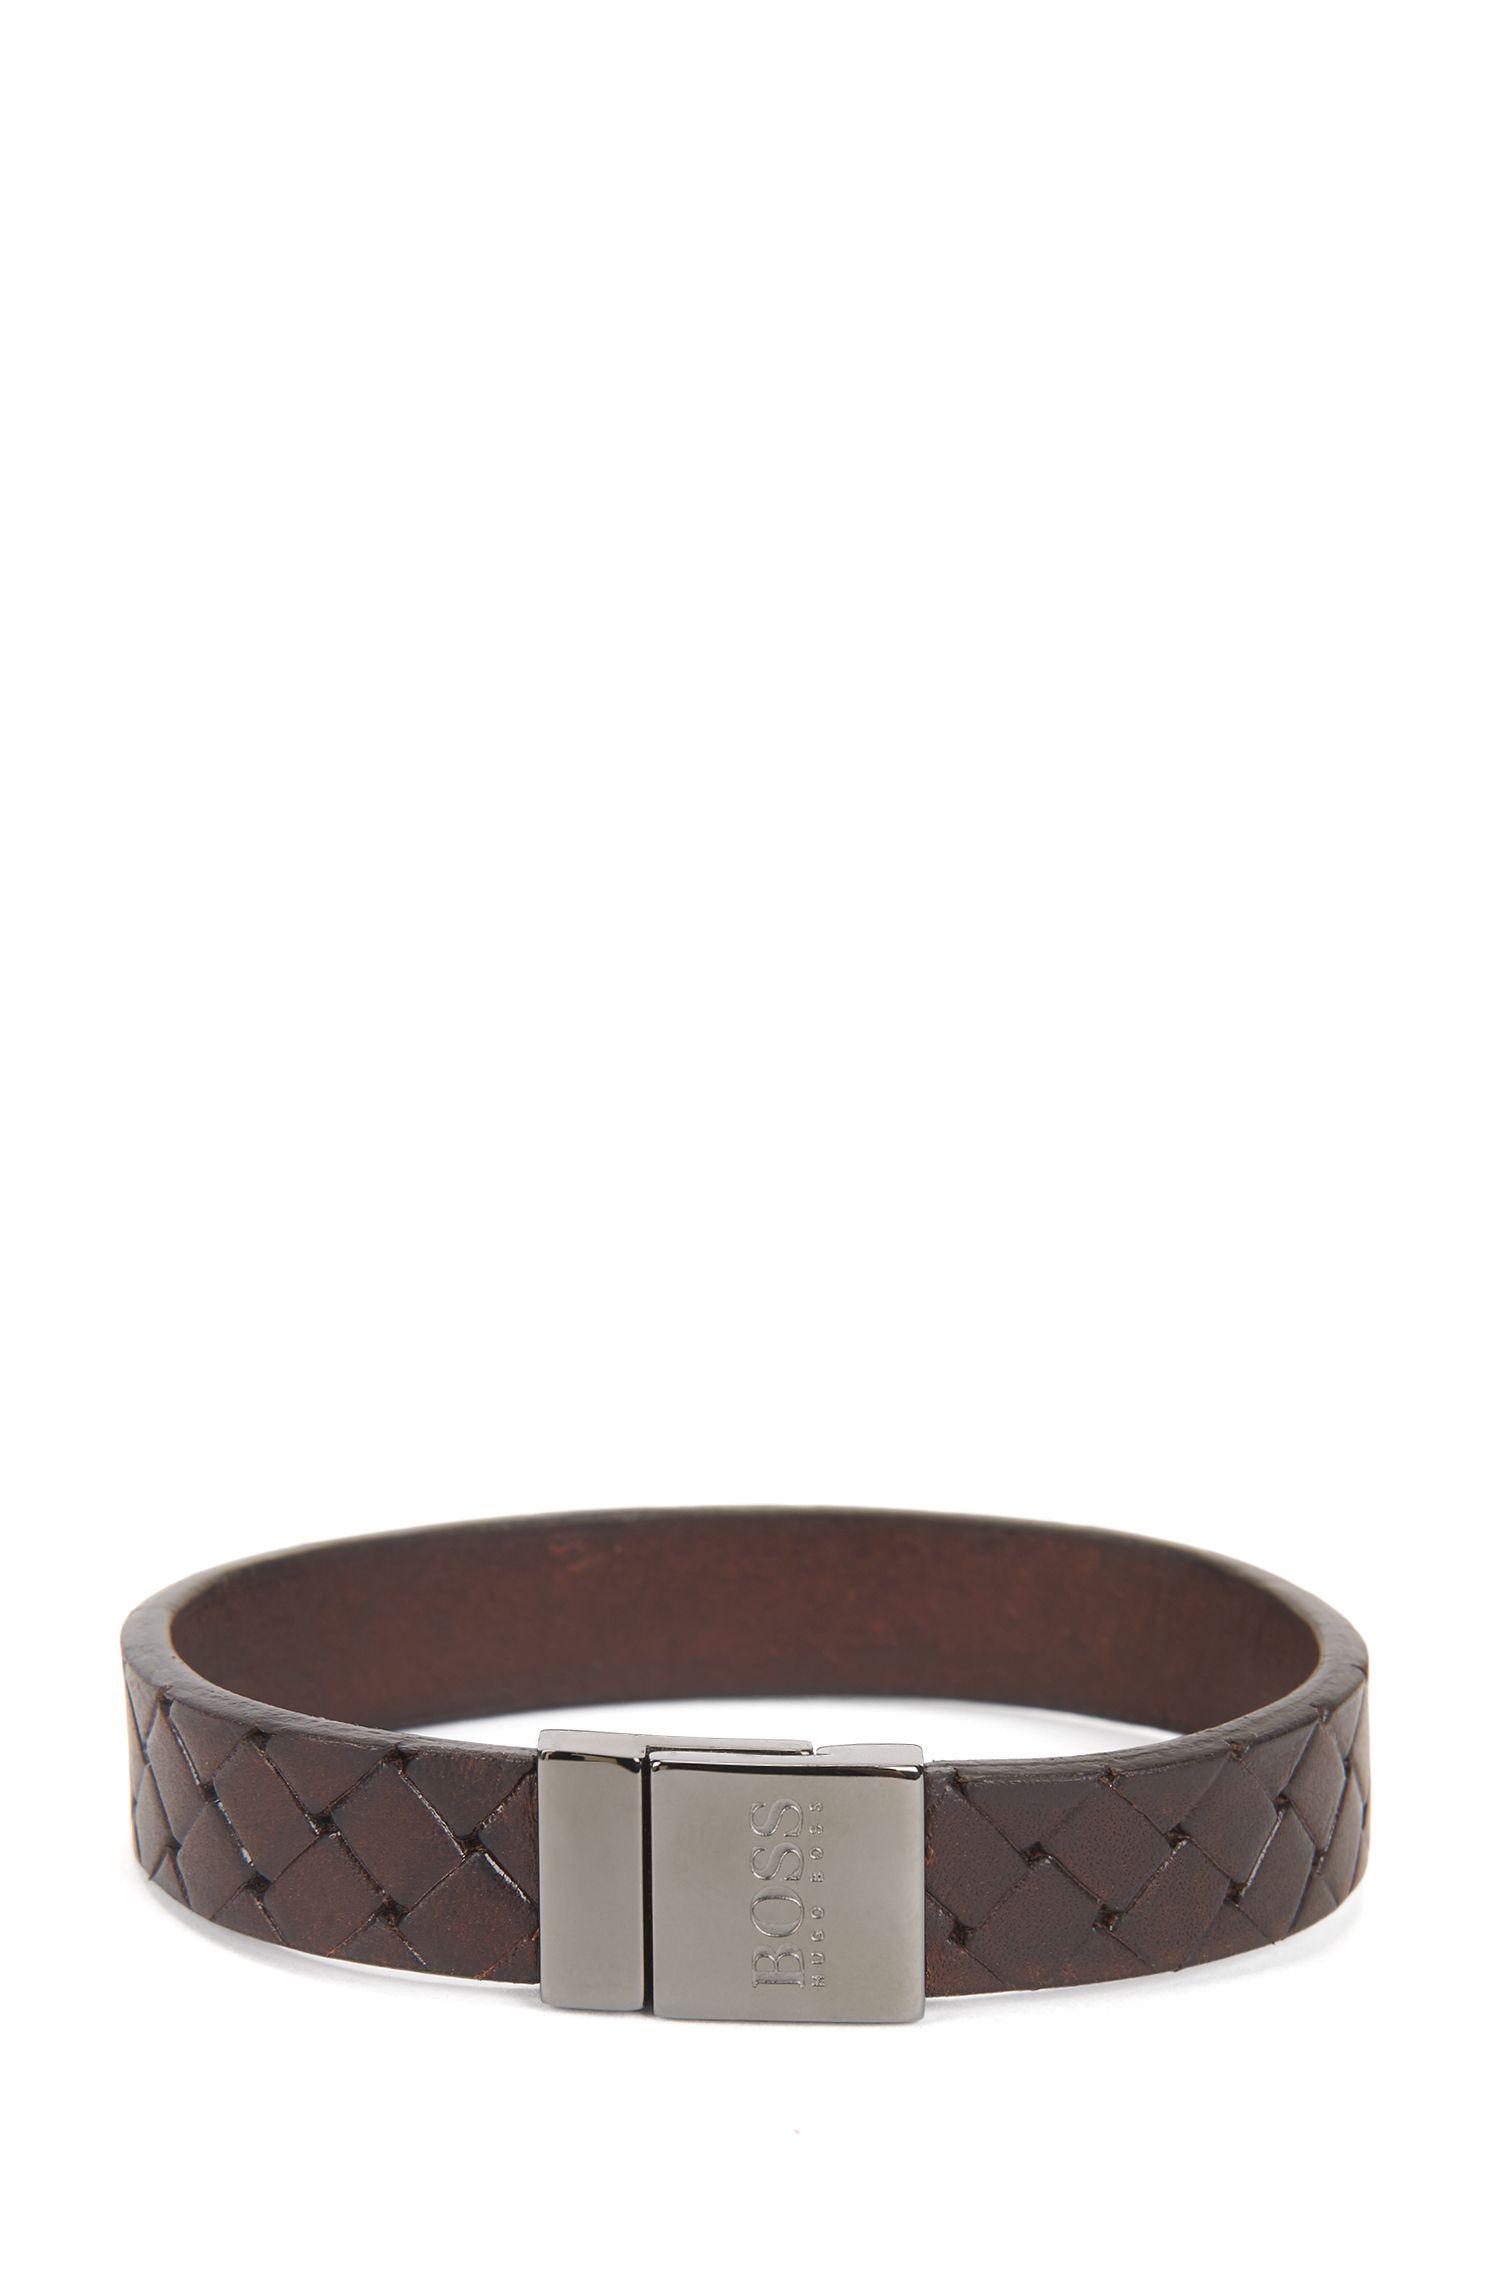 Bracelet en cuir texturé à fermoir magnétique